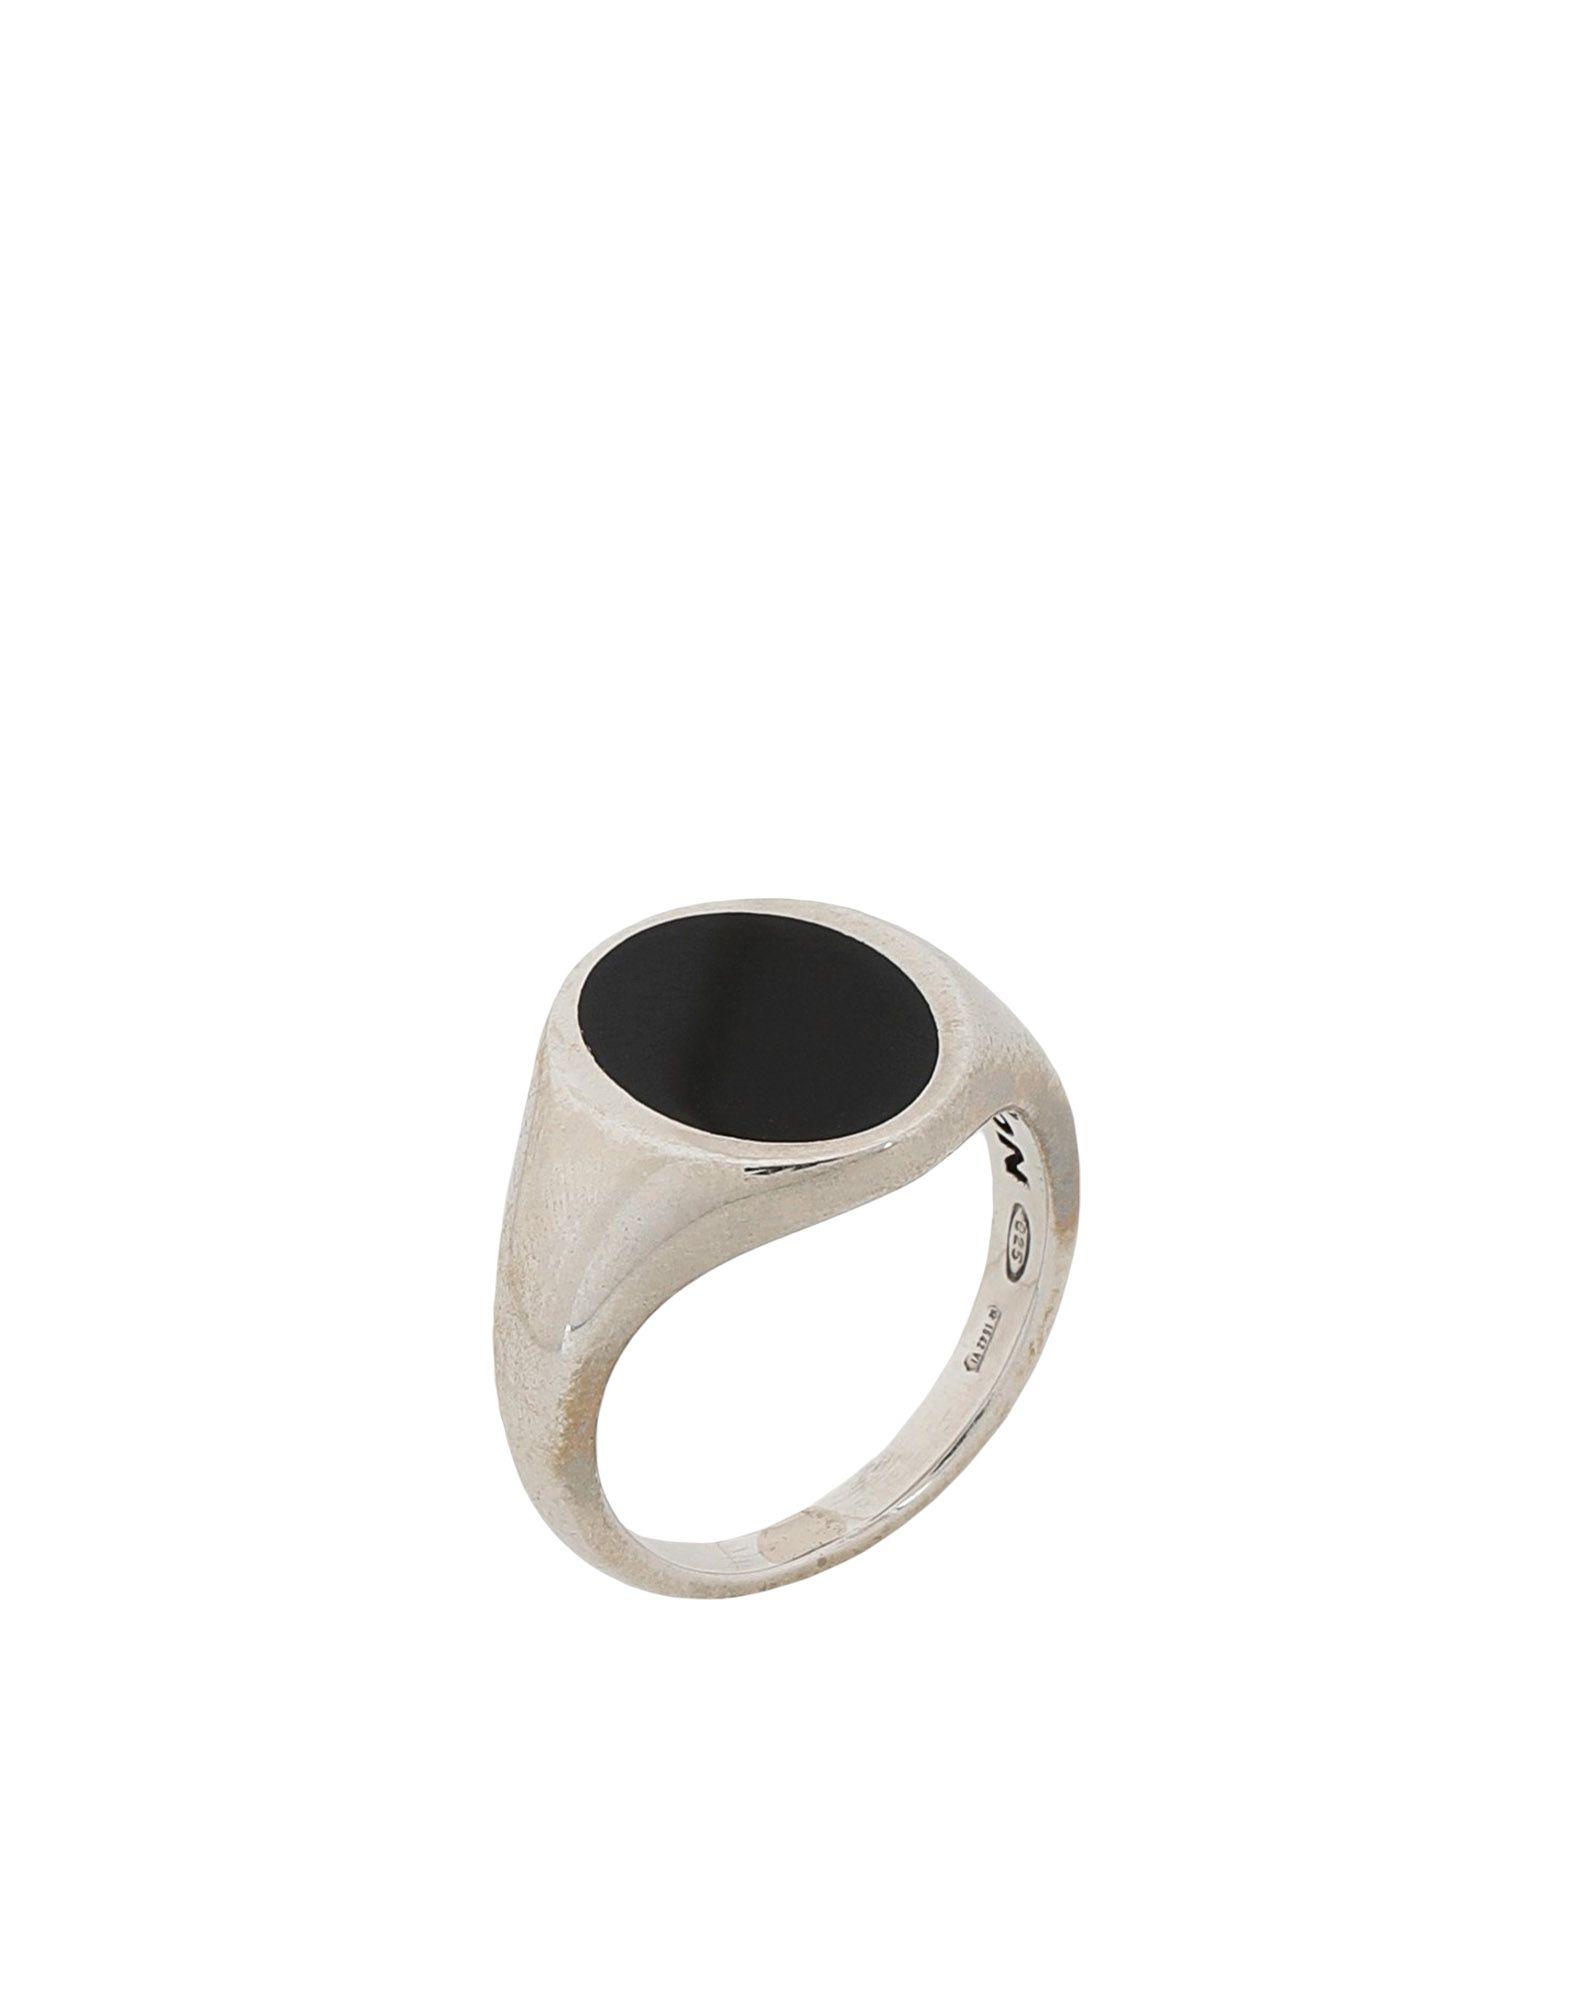 《期間限定 セール開催中》NOVE25 メンズ 指輪 シルバー 16 シルバー925/1000 OVAL BLACK ENAMEL SIGNET RING